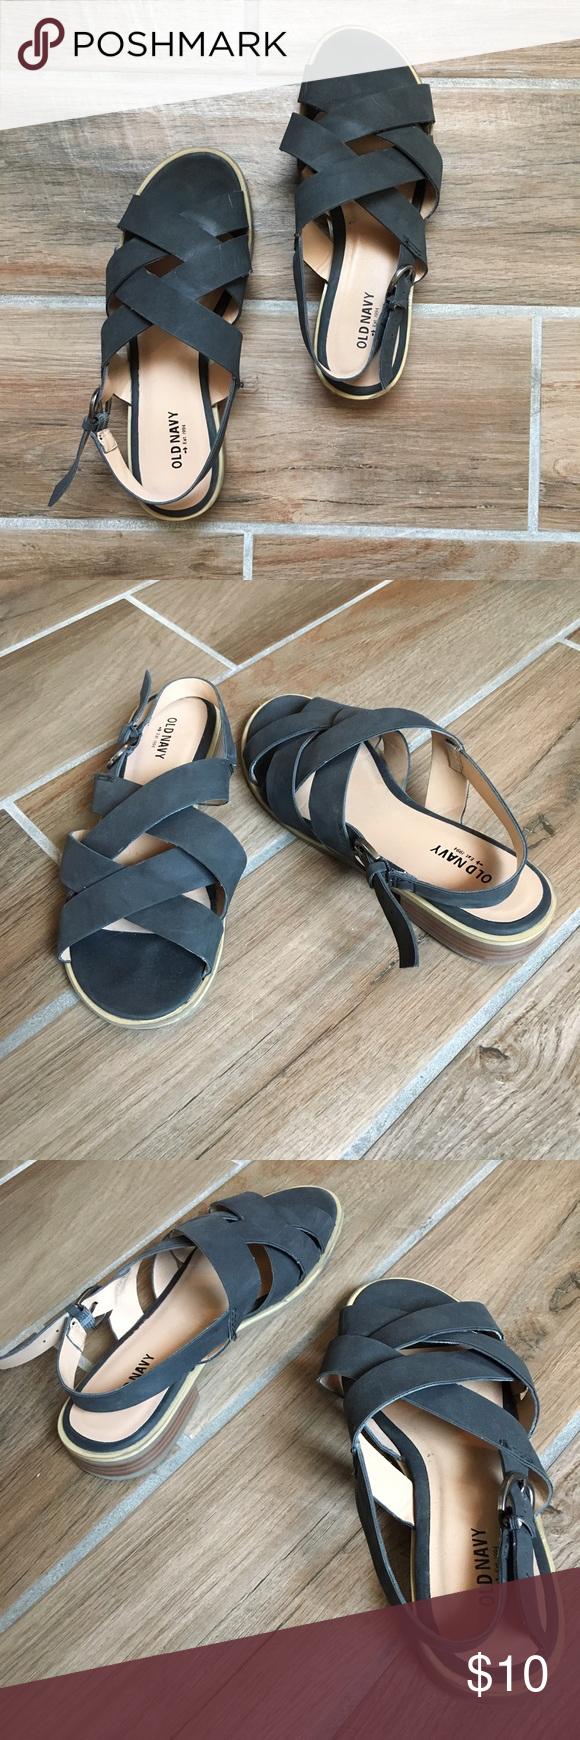 Black sandals old navy - Black Strapy Sandals